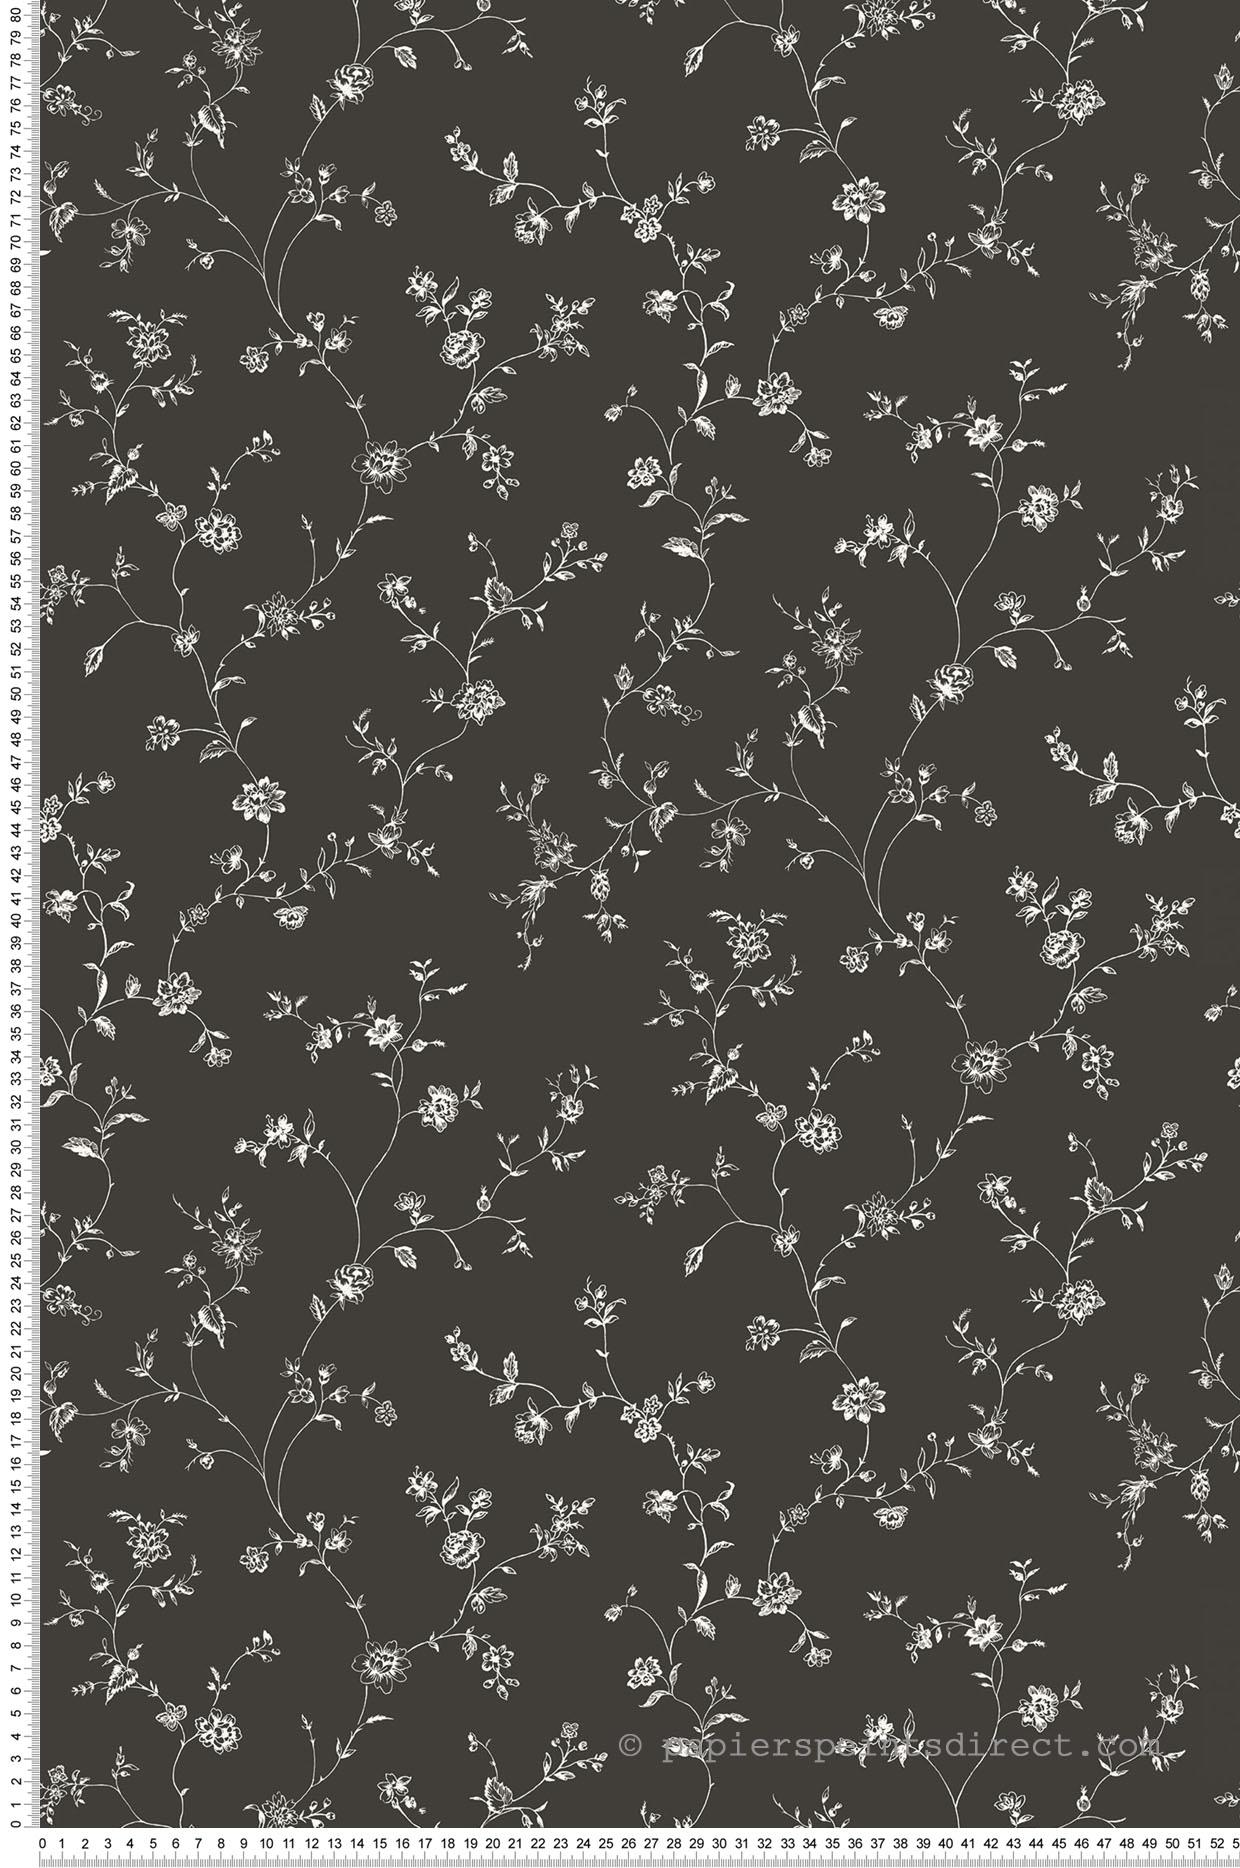 Papier peint fleurs Rosier Treille fond noir - Miniatures de Lutèce   Réf. LTC-G67861